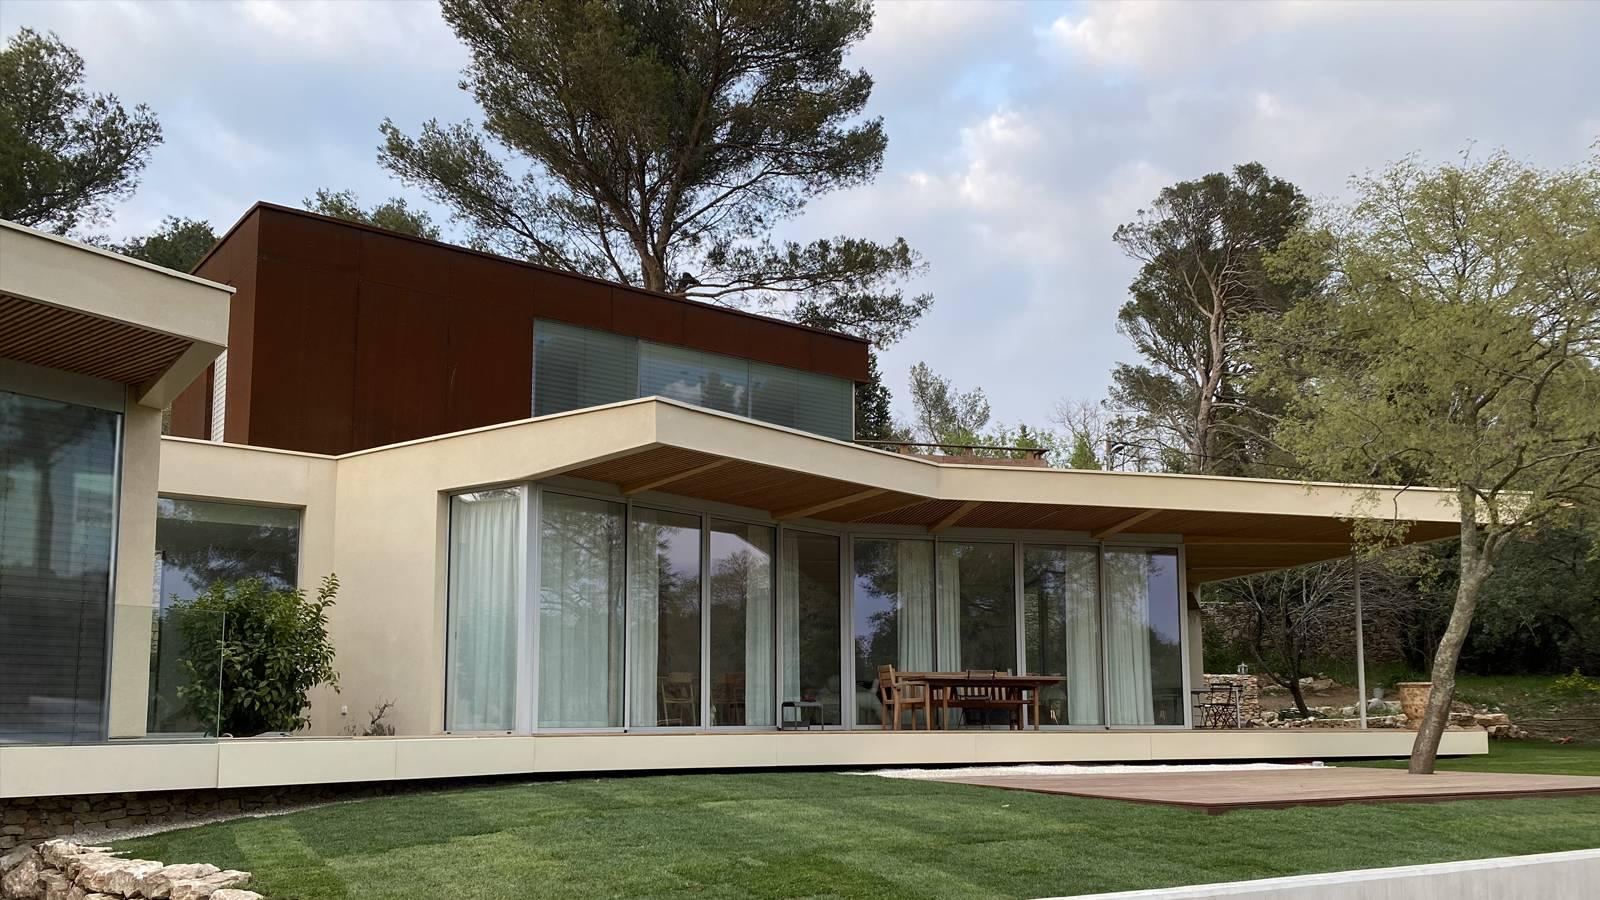 Maison D Architecte En Bois Resolument Moderne Et Design En France Cabinet D Architecture D Interieur En Auvergne Rhone Alpes Cabinet Vielliard Francheteau Architectures